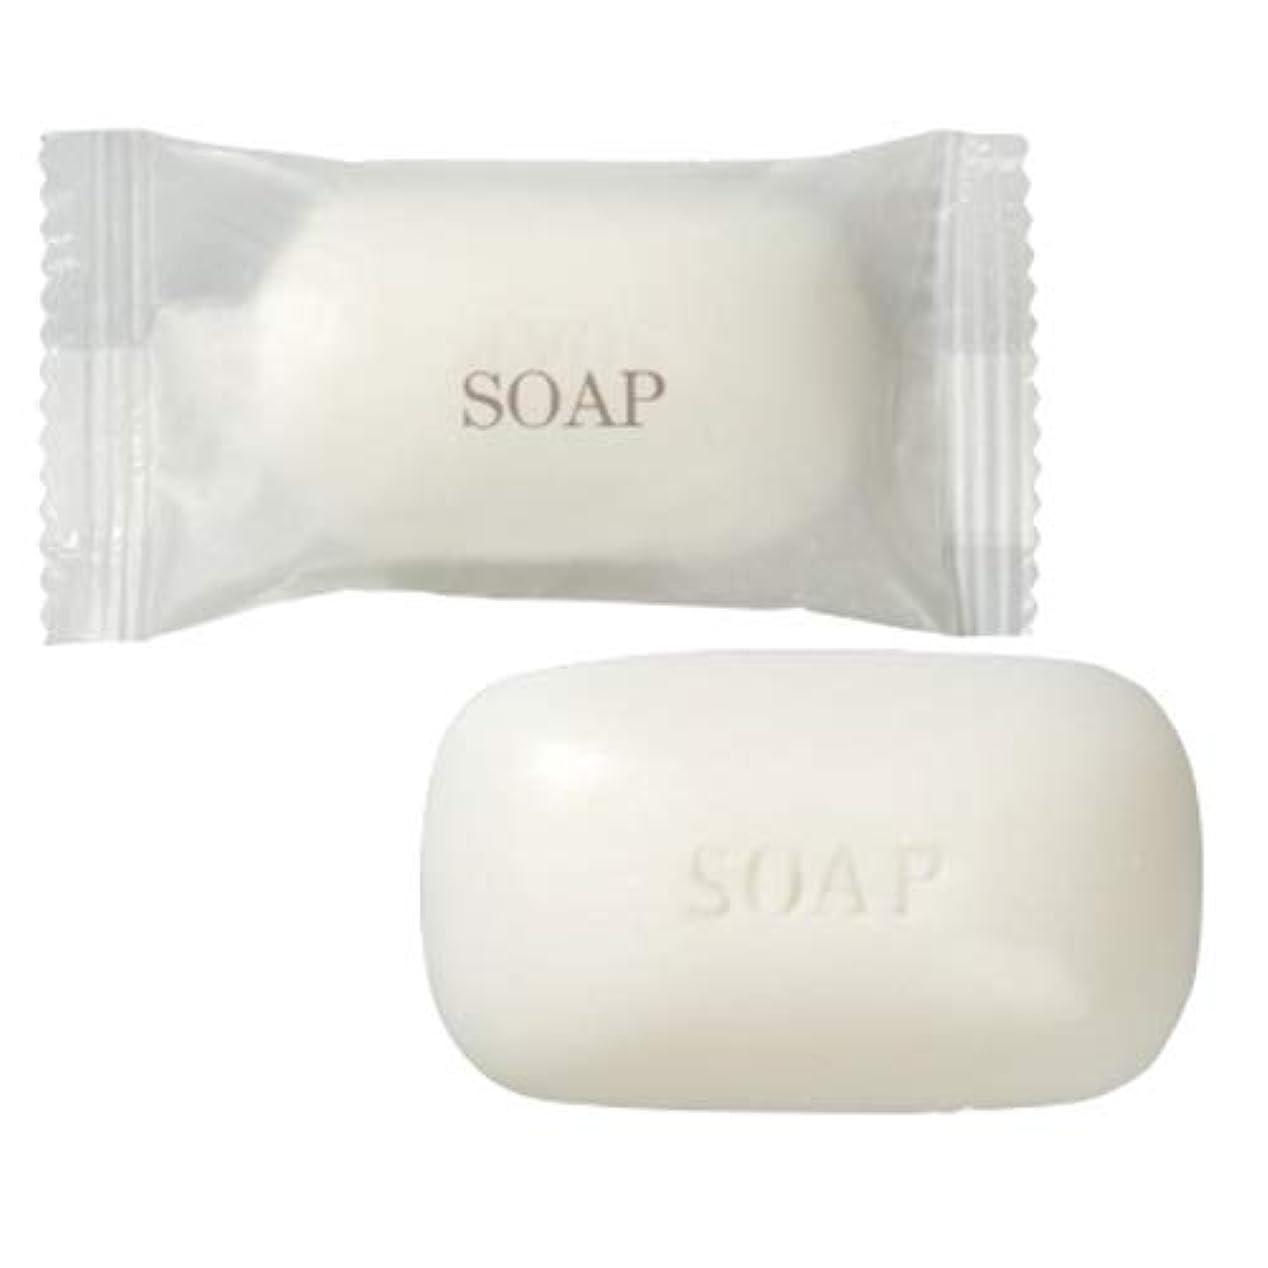 うそつき抜け目がない免疫する業務用 フィードソープ(FEED SOAP) マット袋(M袋) 15g ×100個 | ホテルアメニティ 個包装